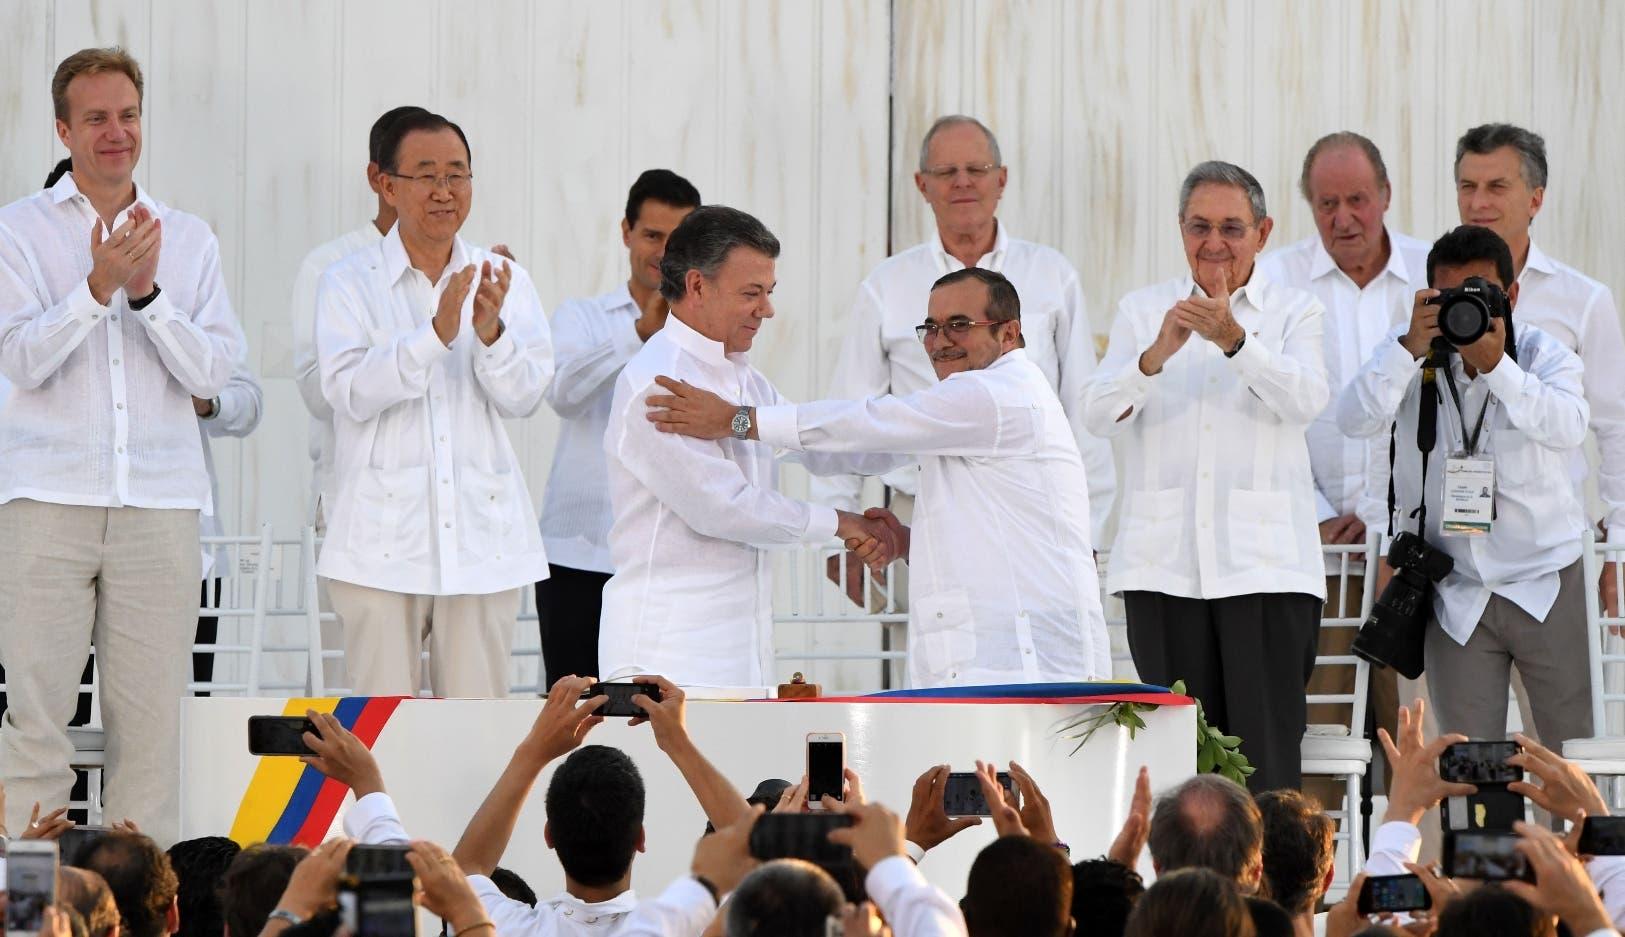 """El presidente de Colombia, Juan Manuel Santos, y el jefe máximo de las FARC, Rodrigo Londoño, alias """"Timochenko"""", firmaron hoy en Bogotá el nuevo acuerdo de paz para terminar 52 años de conflicto armado interno."""